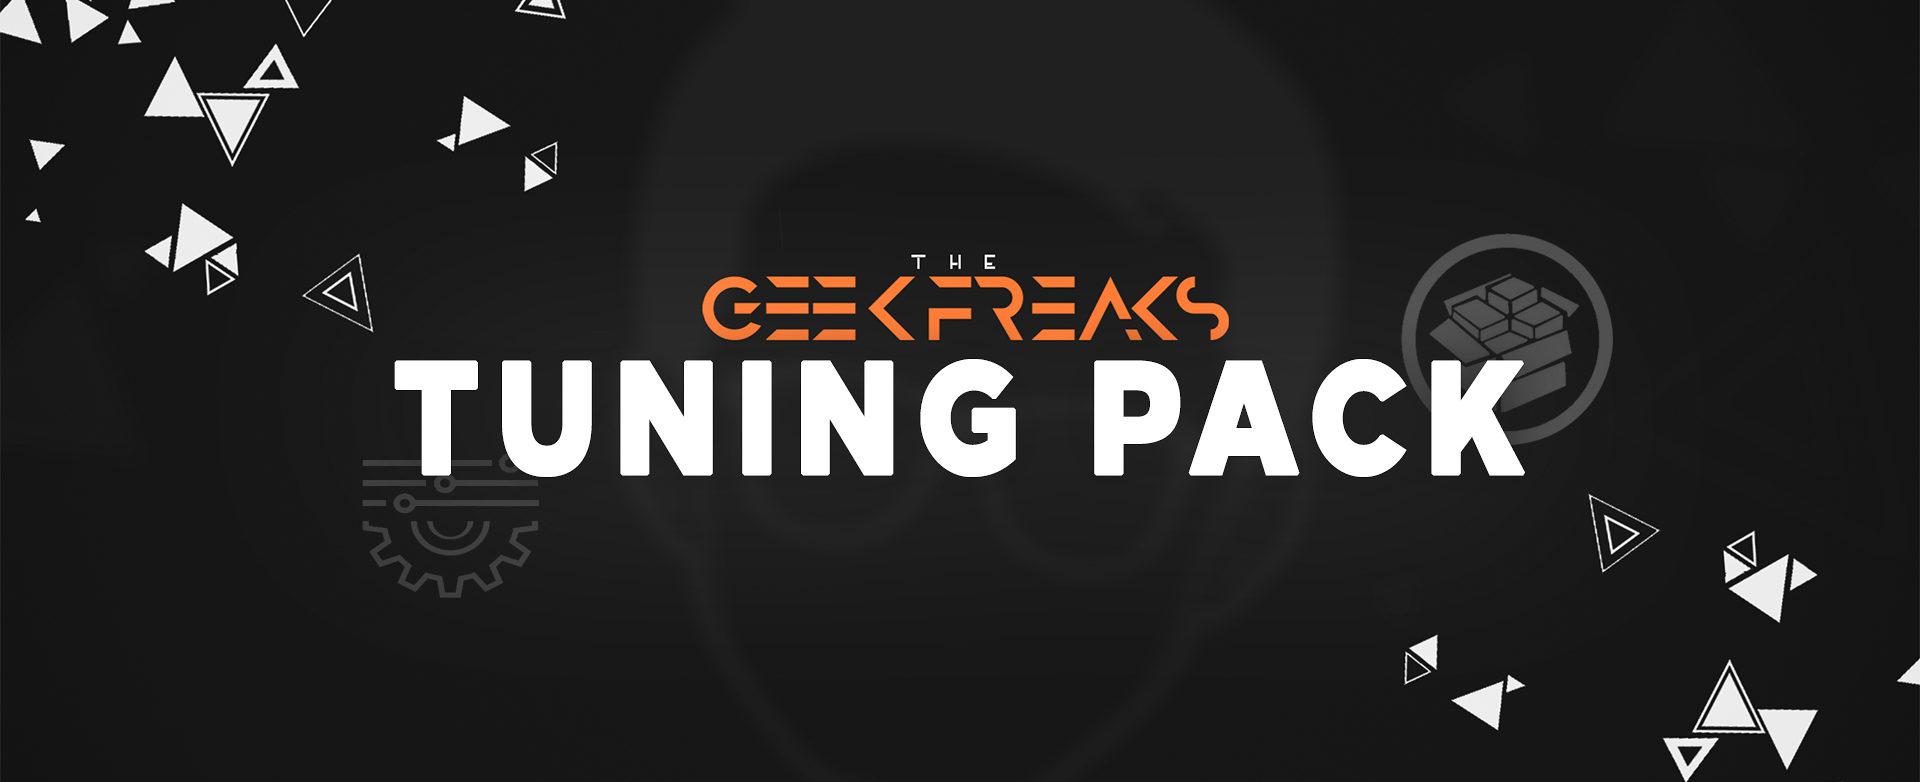 The Geek Freaks Tuning Pack